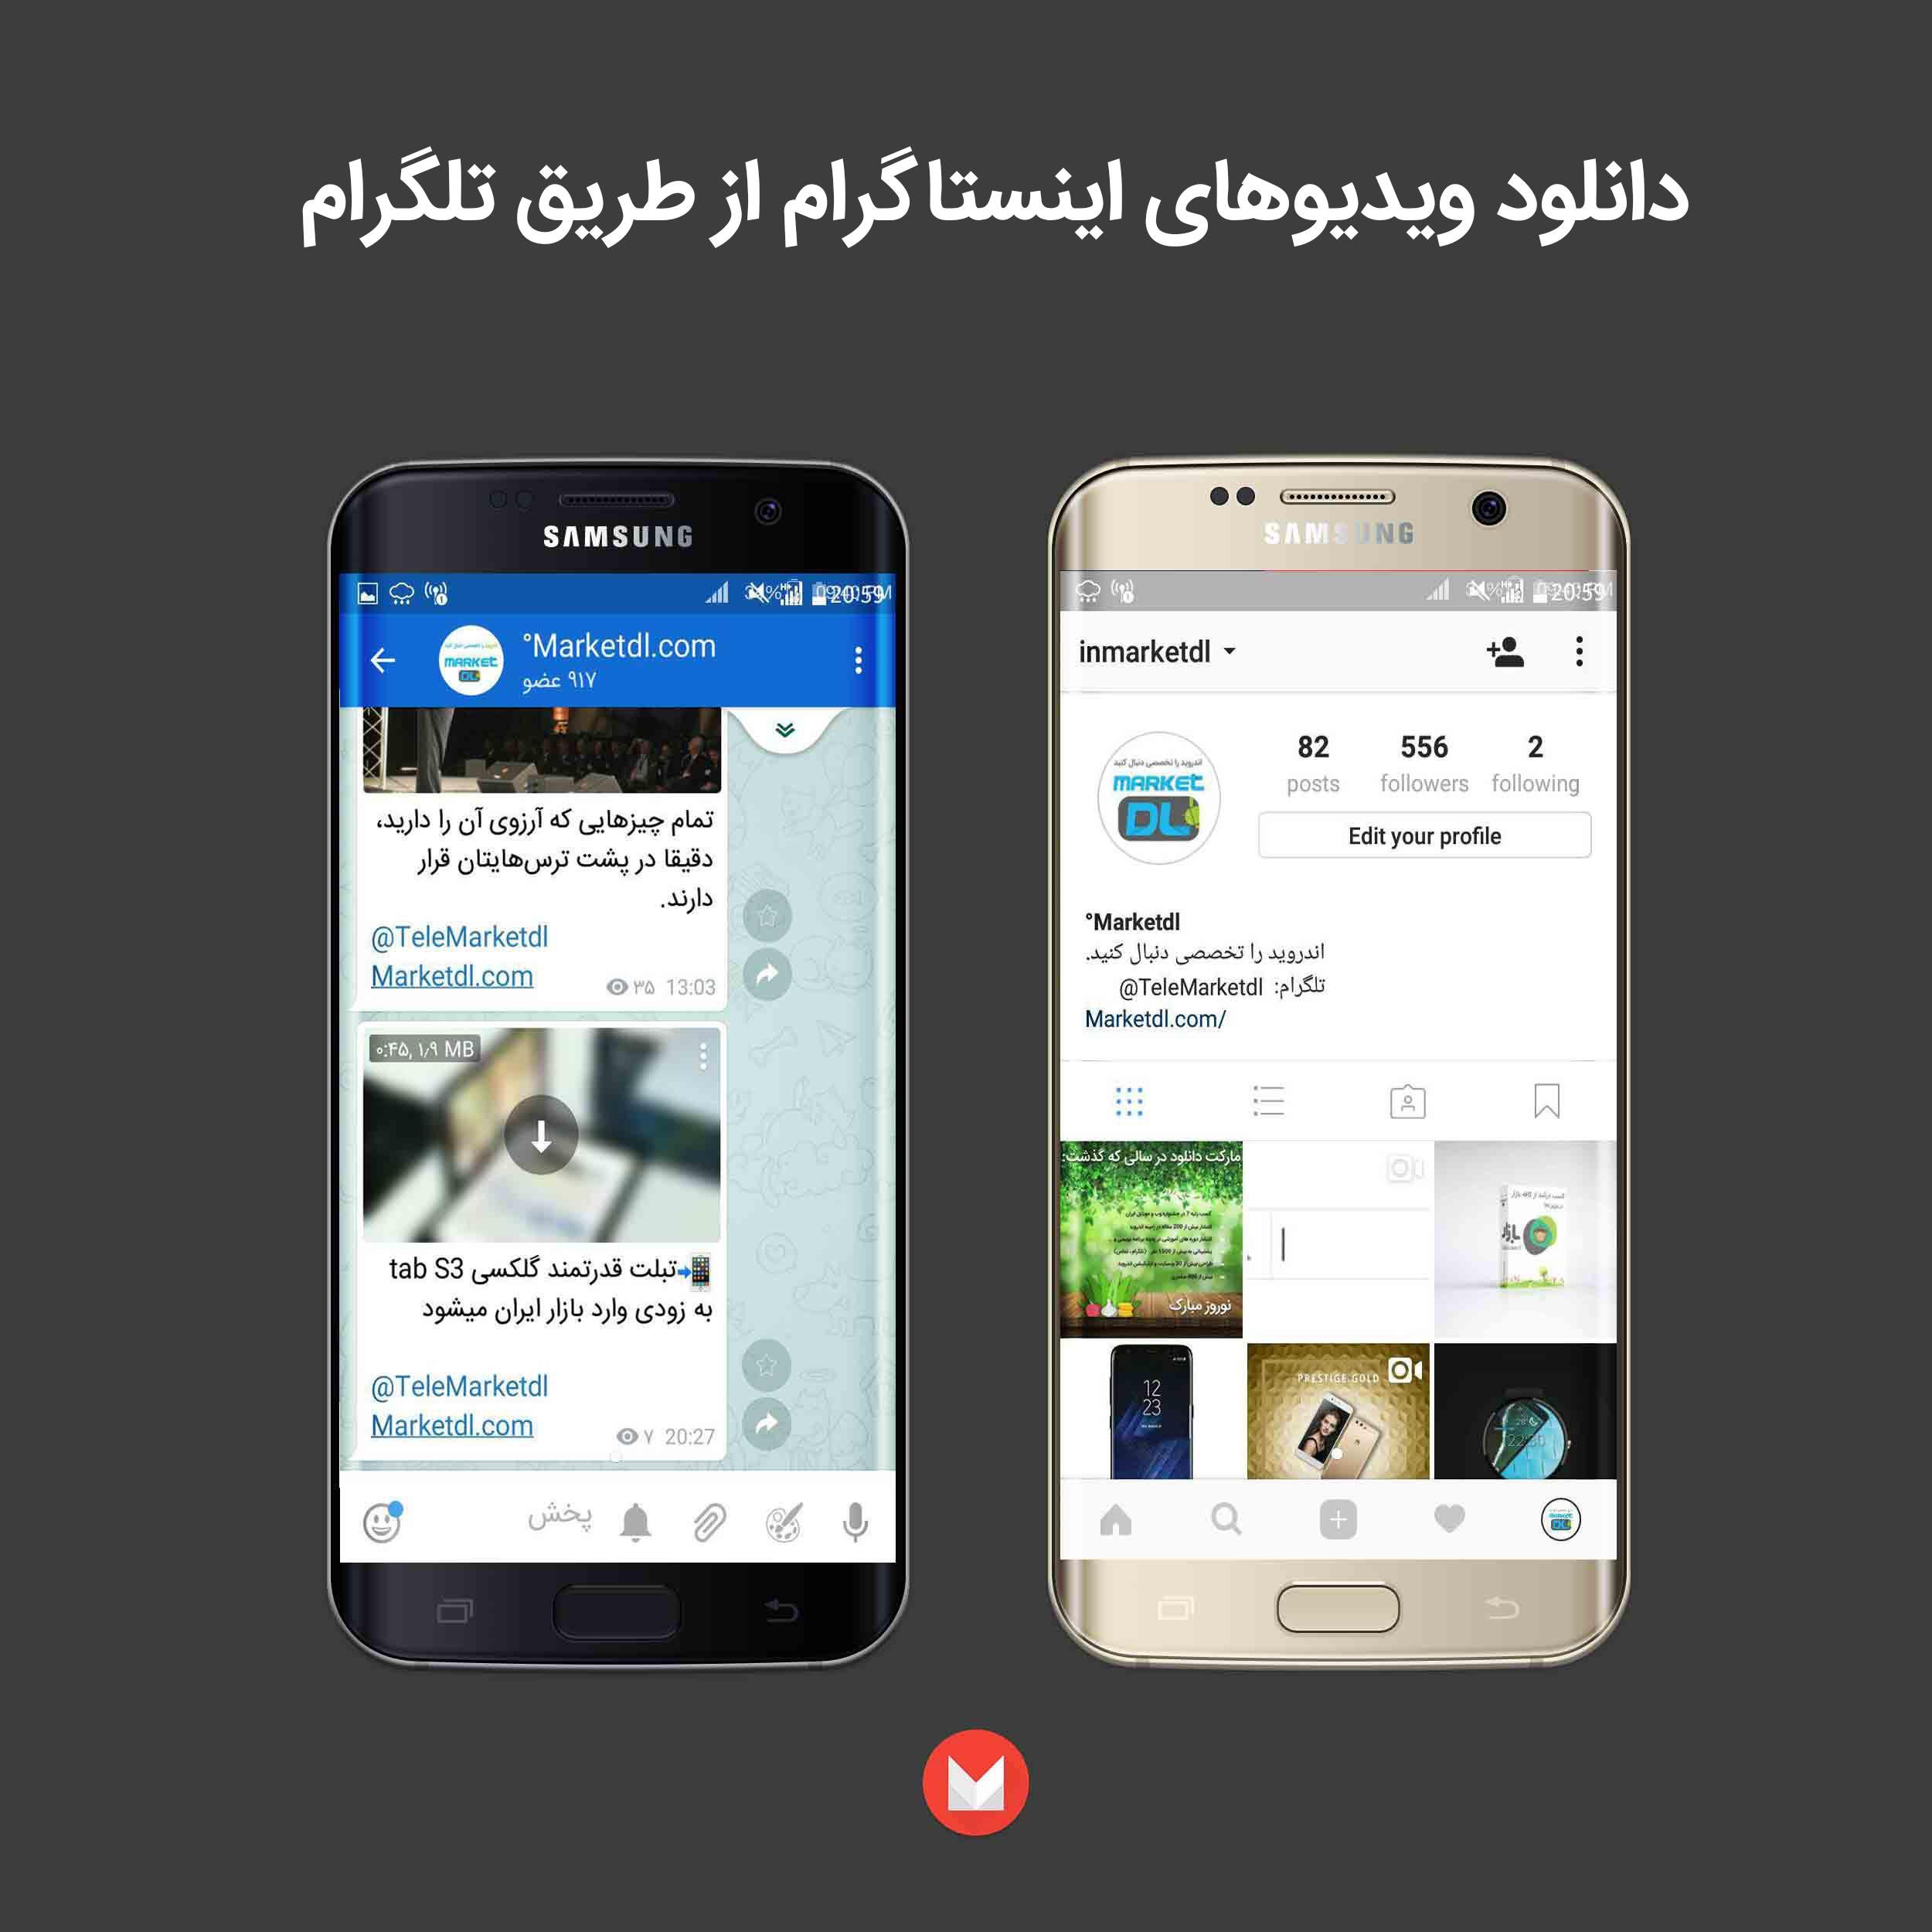 آموزش دانلود ویدیوهای اینستاگرام از طریق تلگرام